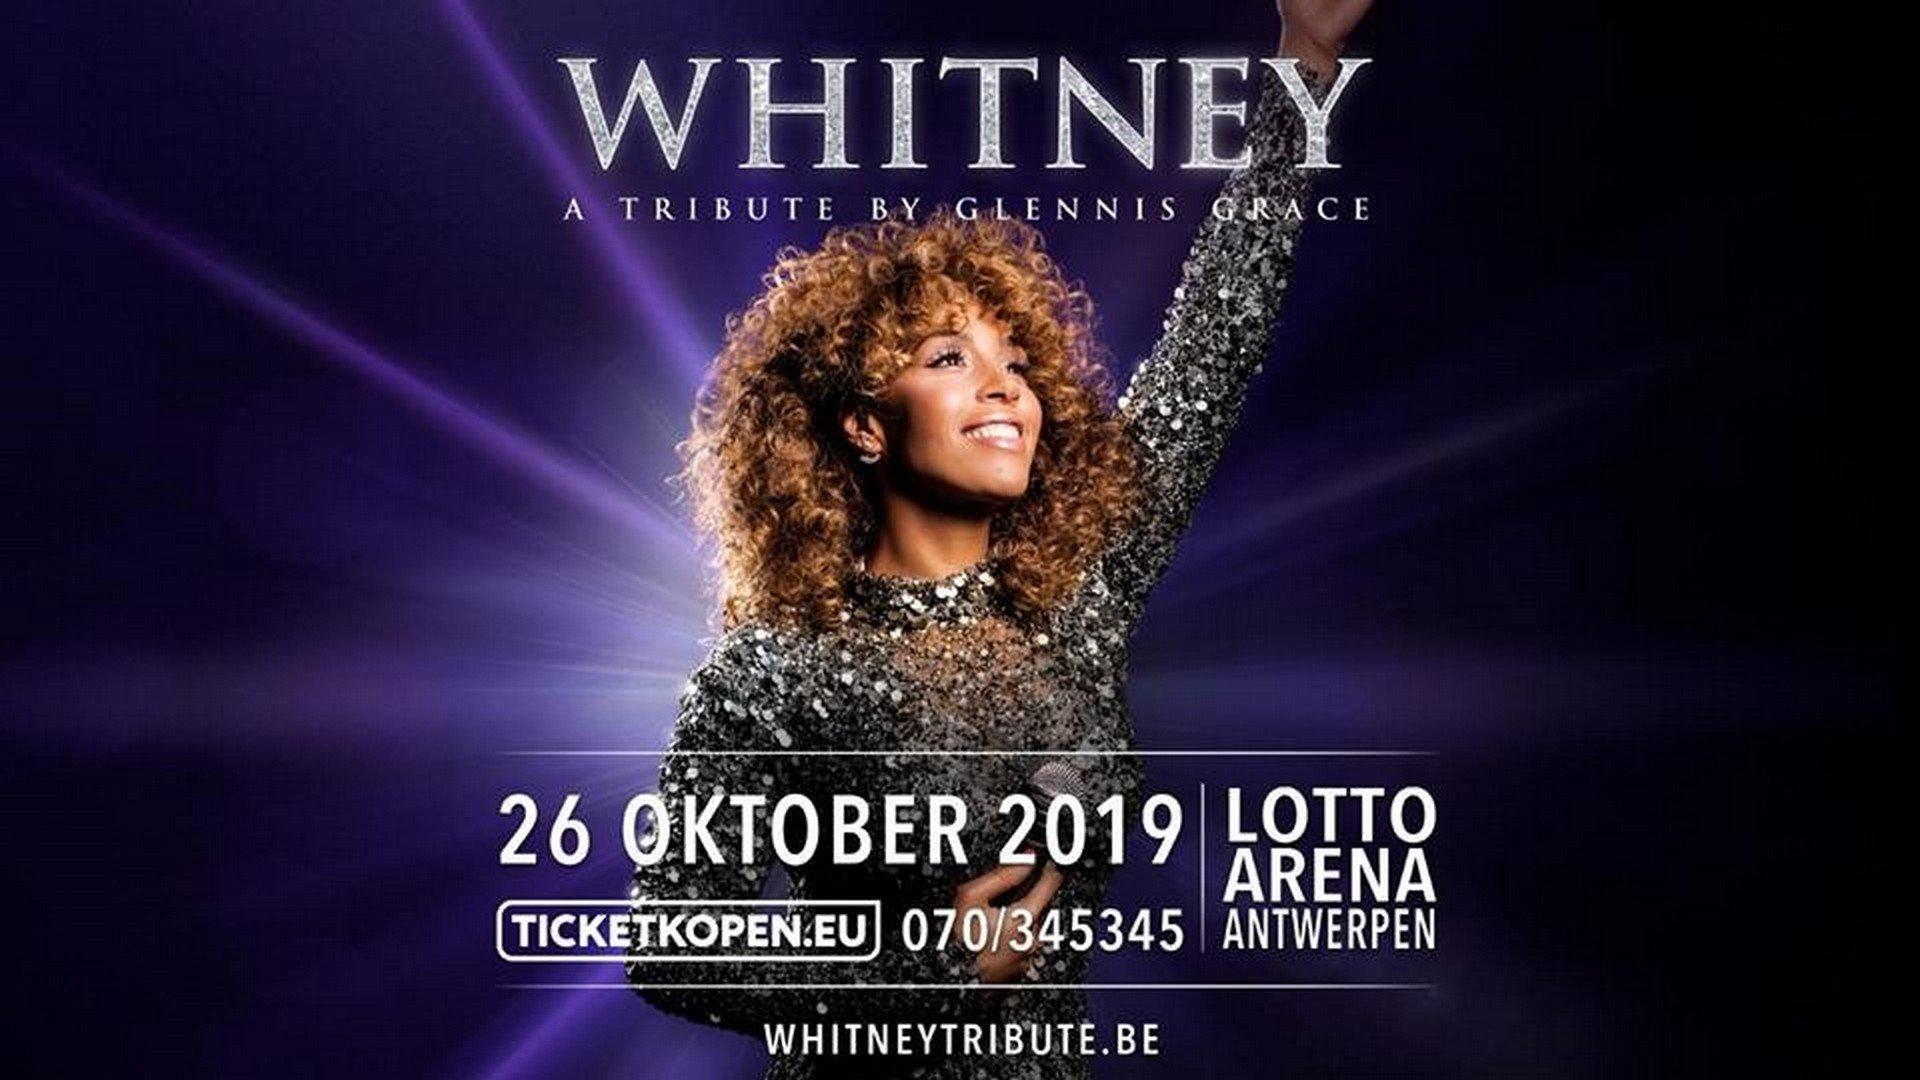 Antwerpse zanger Ivann 'special guest' op Whitney-tribute van Glennis Grace in de Lotto Arena - affiche a tribute by Glennis Grace